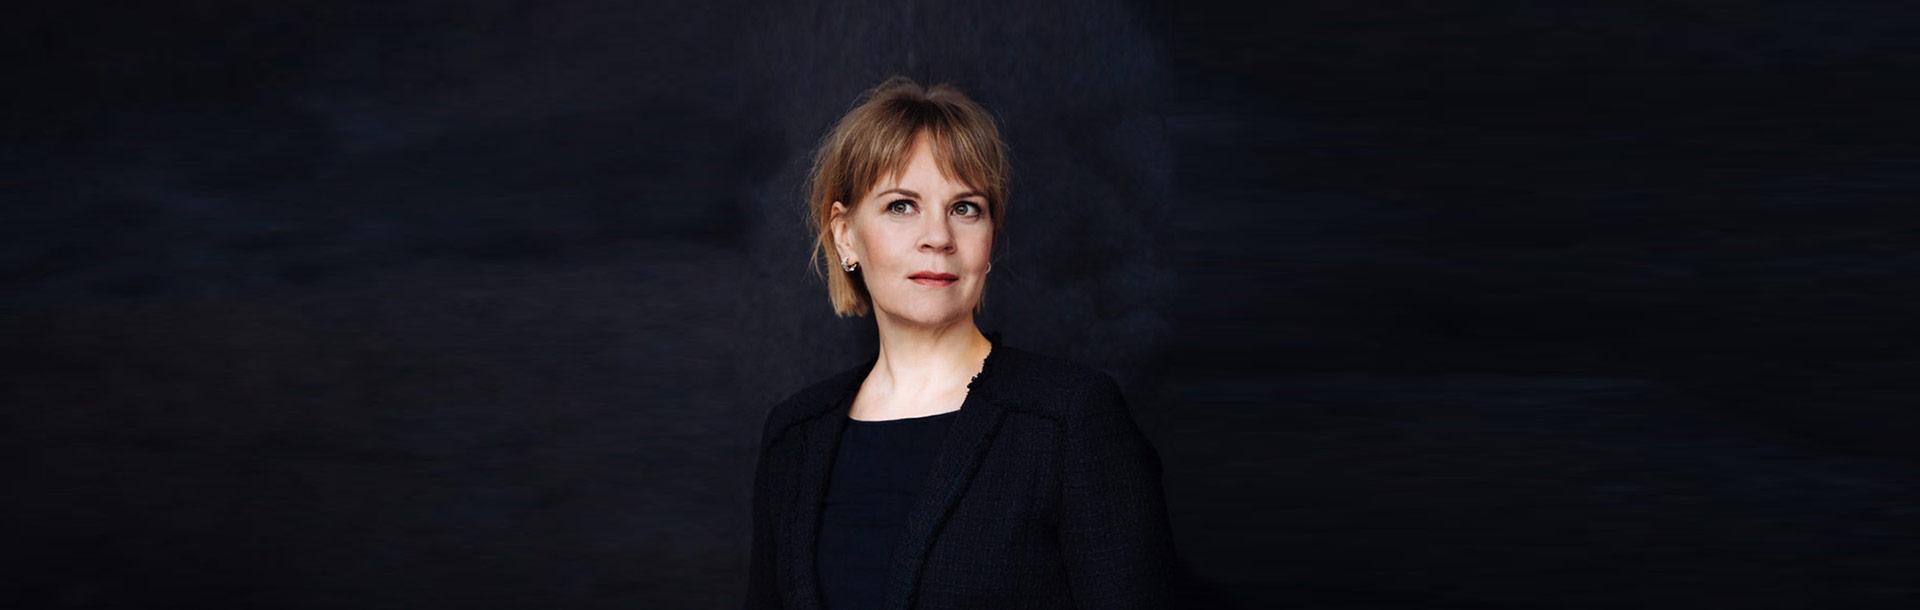 Susanna Mälkki et les Planètes de Holst